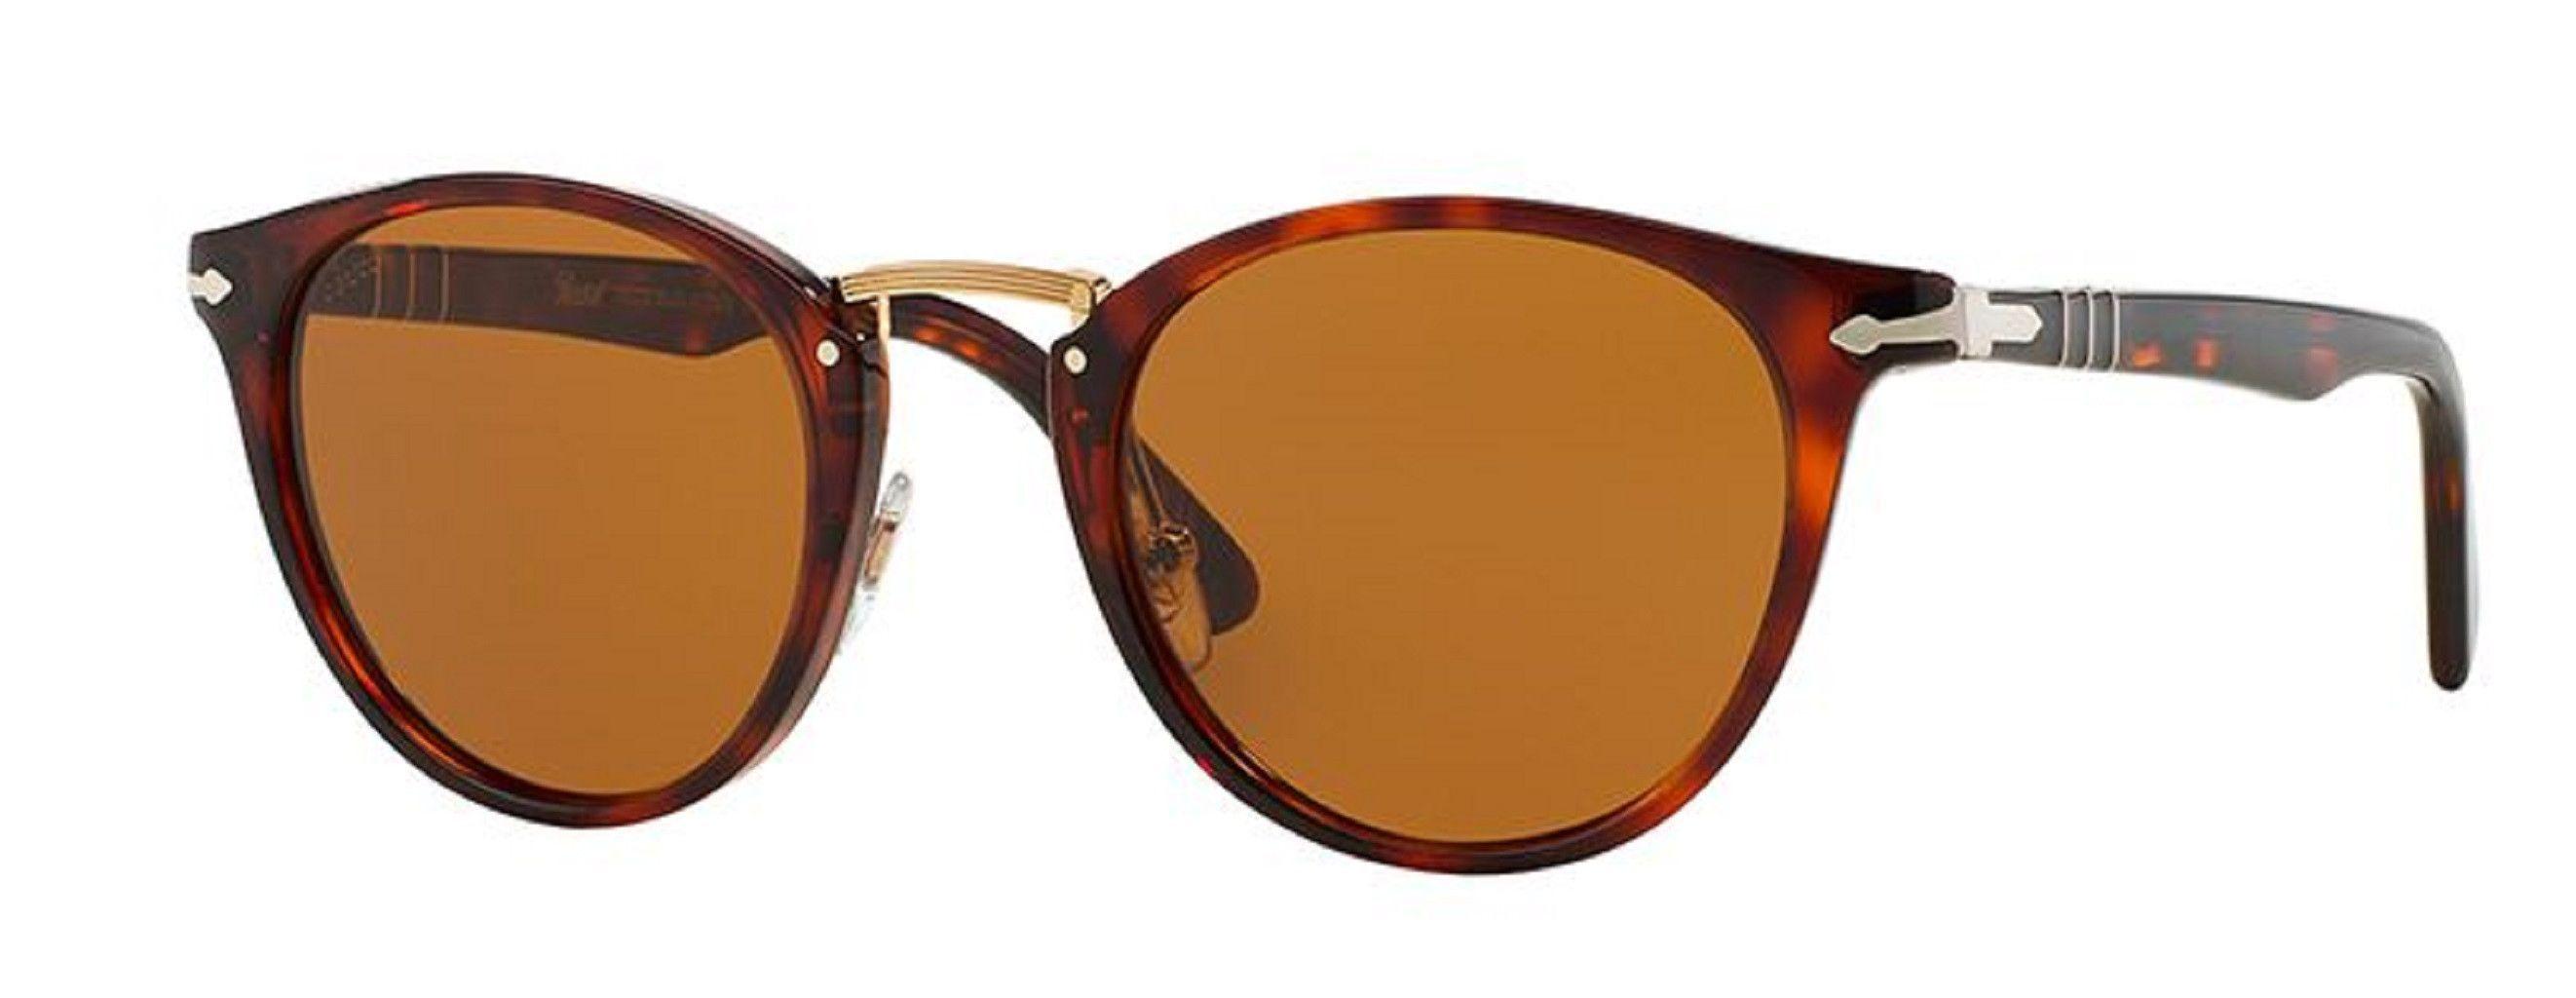 5e3ddadbaa2e7 Persol PO3108S Sunglasses